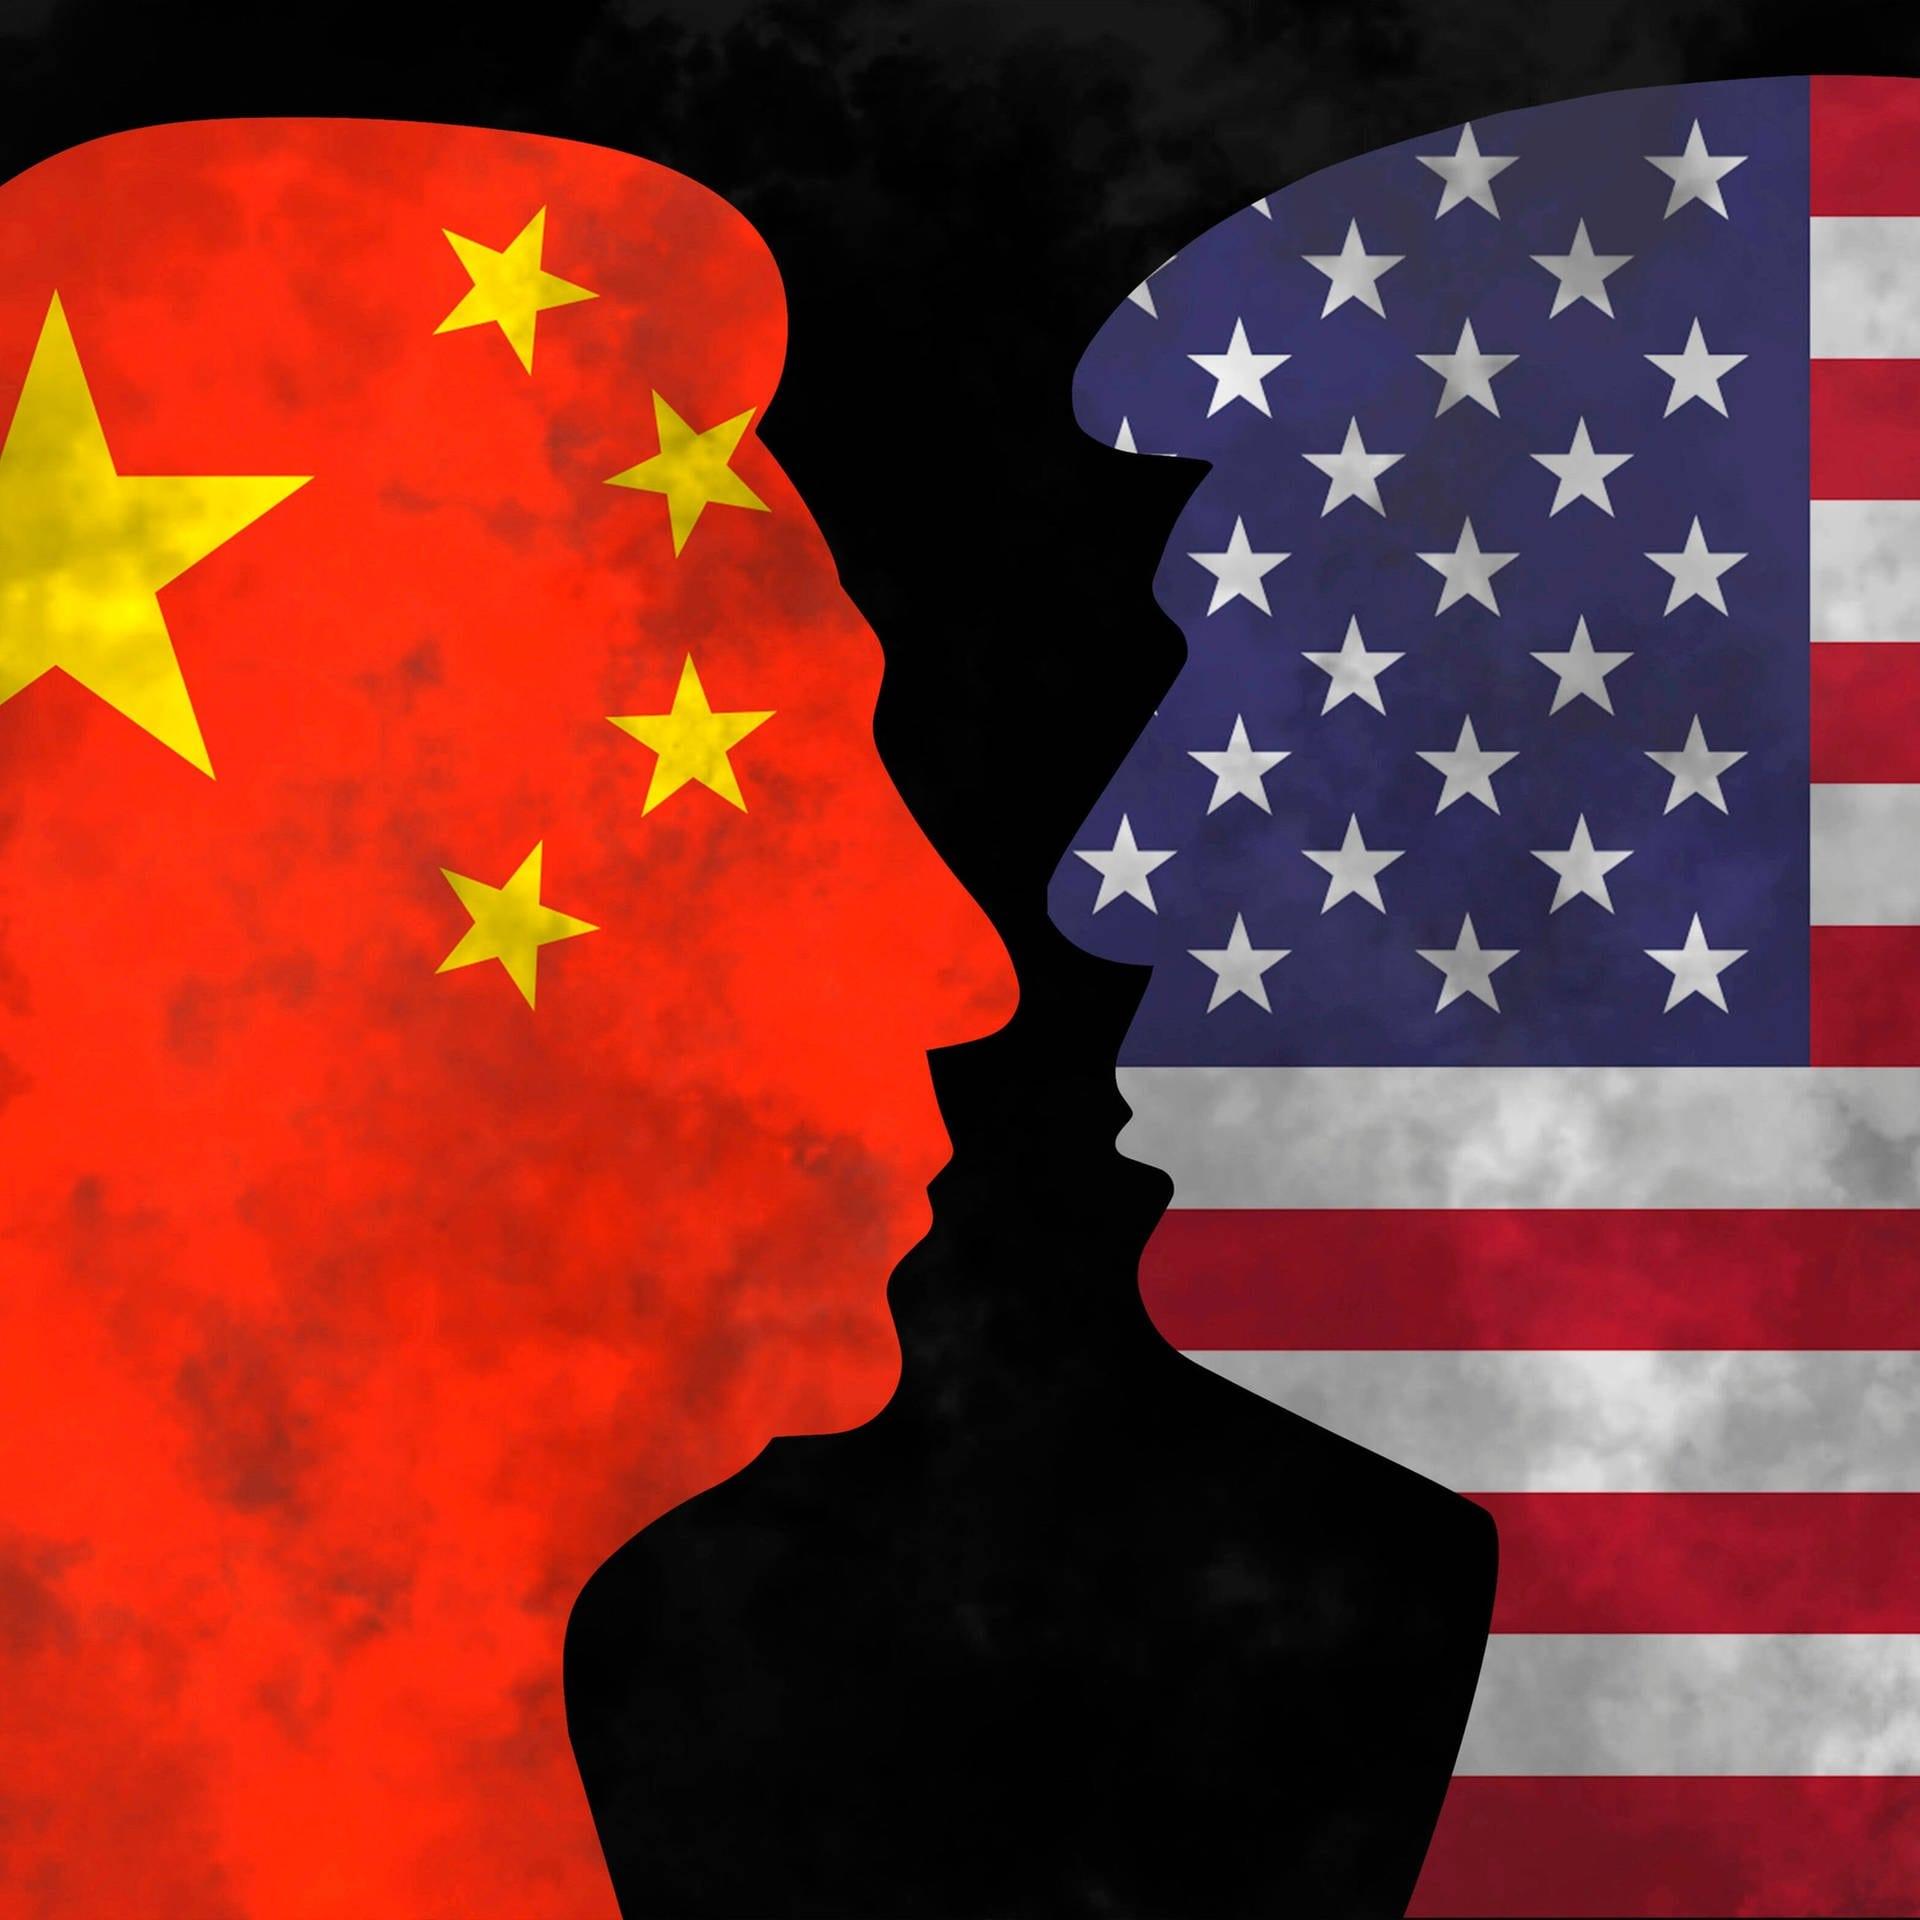 US-Wahl (4): Der Konflikt zwischen China und den USA